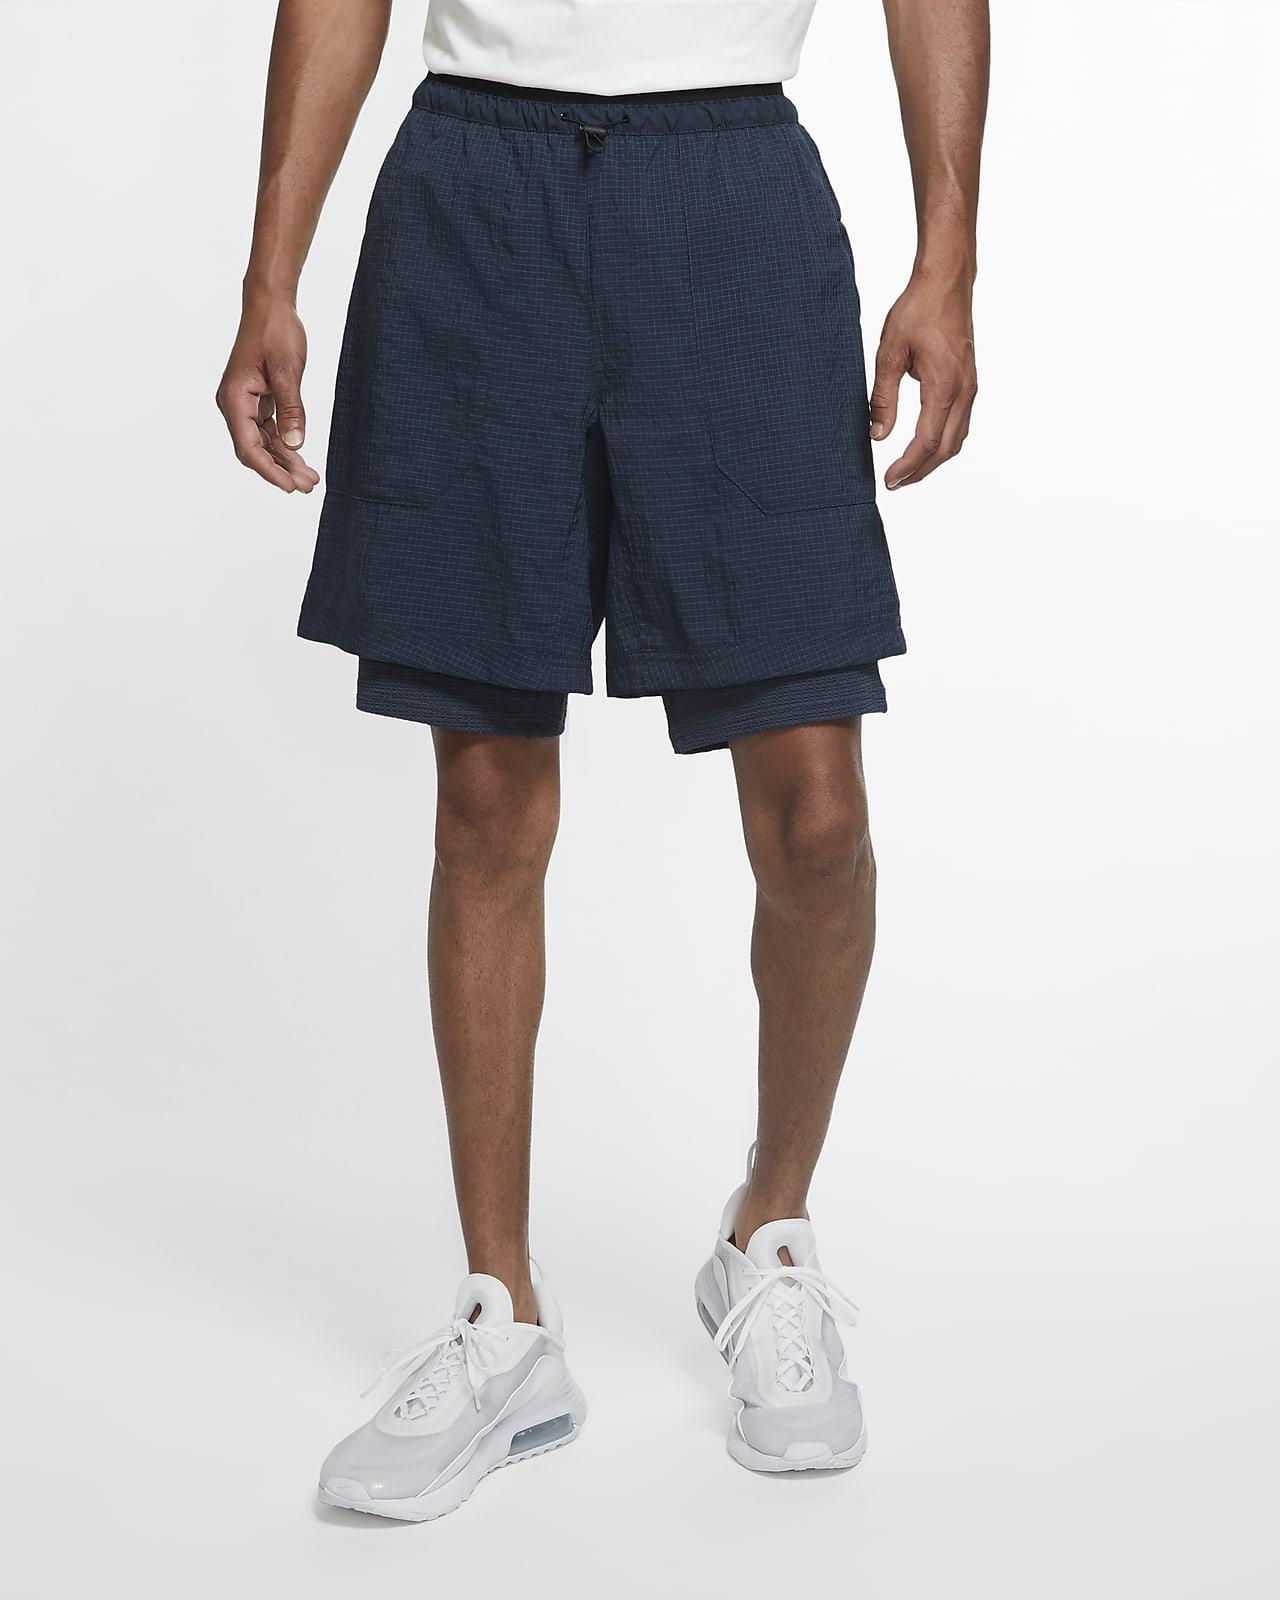 Shorts de tejido Woven para hombre Nike Sportswear Tech Pack